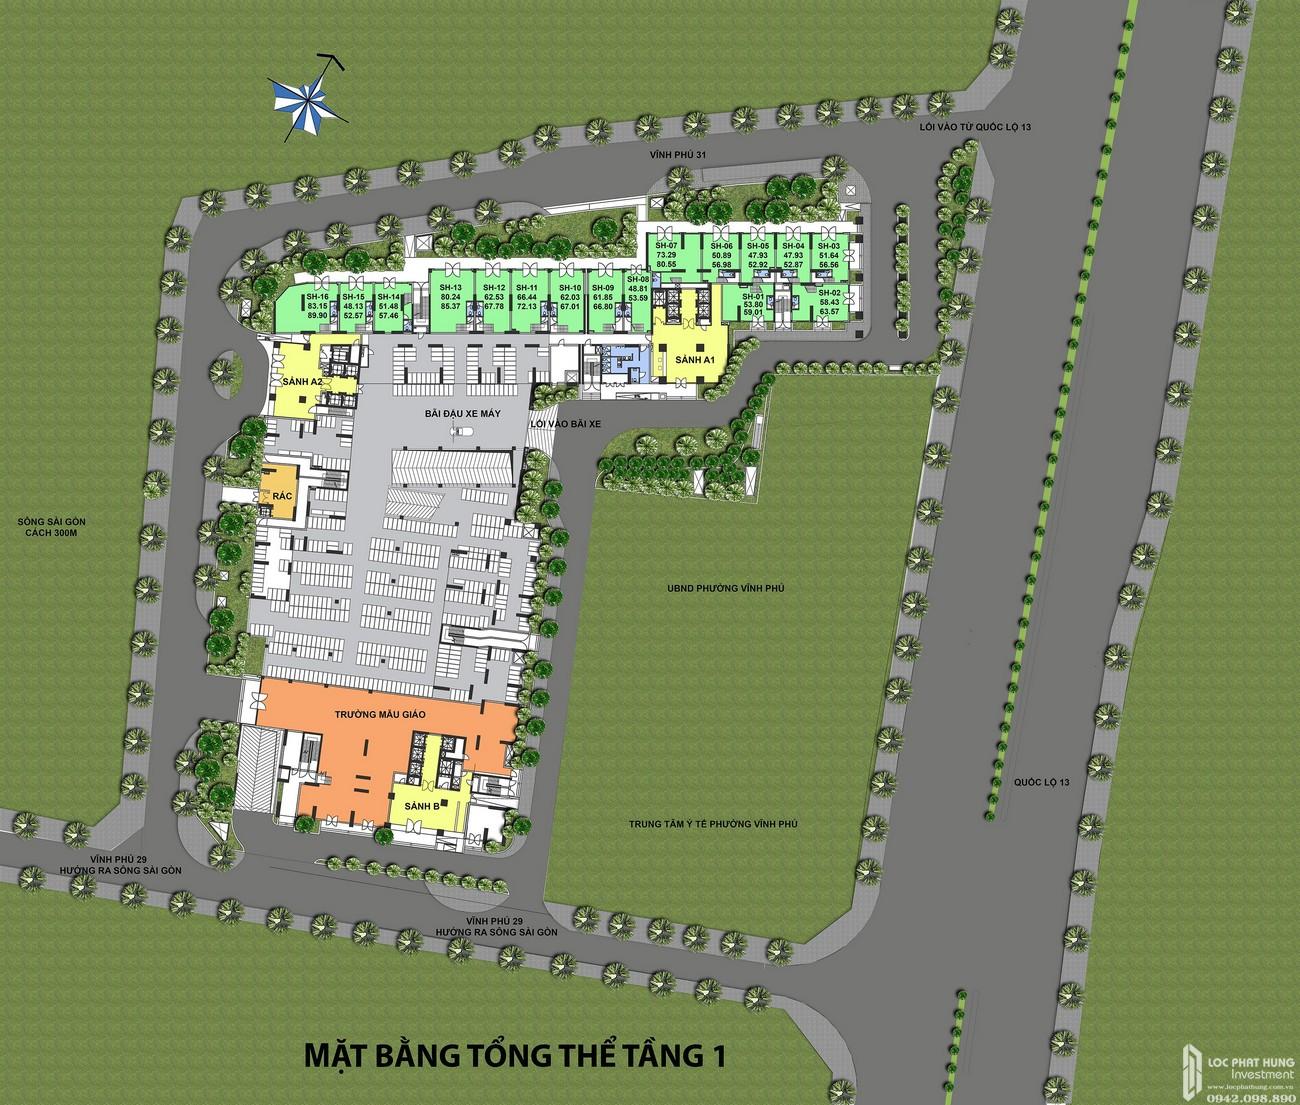 Mặt bằng dự án căn hộ chung cư Rivana Thuận An Đường Quốc lộ 13 chủ đầu tư Đạt Phước